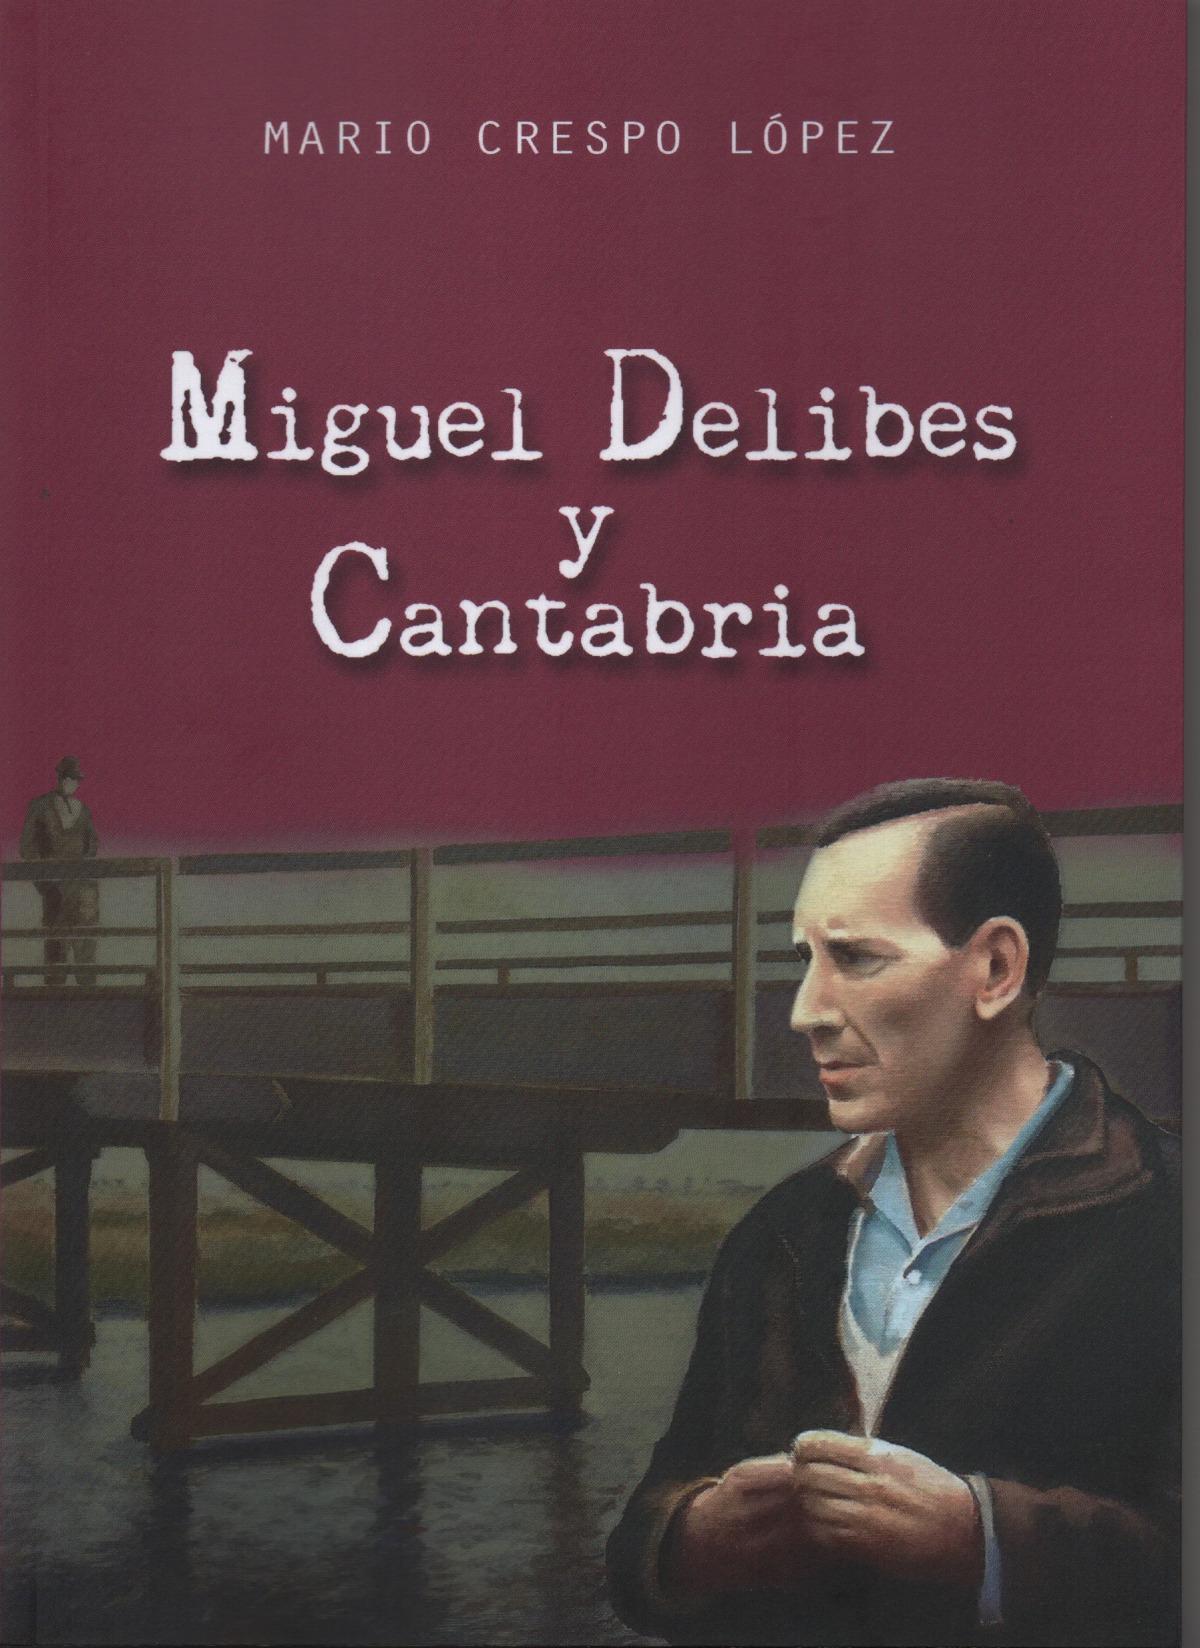 MIGUEL DELIBES Y CANTABRIA.(BIOGRAFIAS) 9788412238792